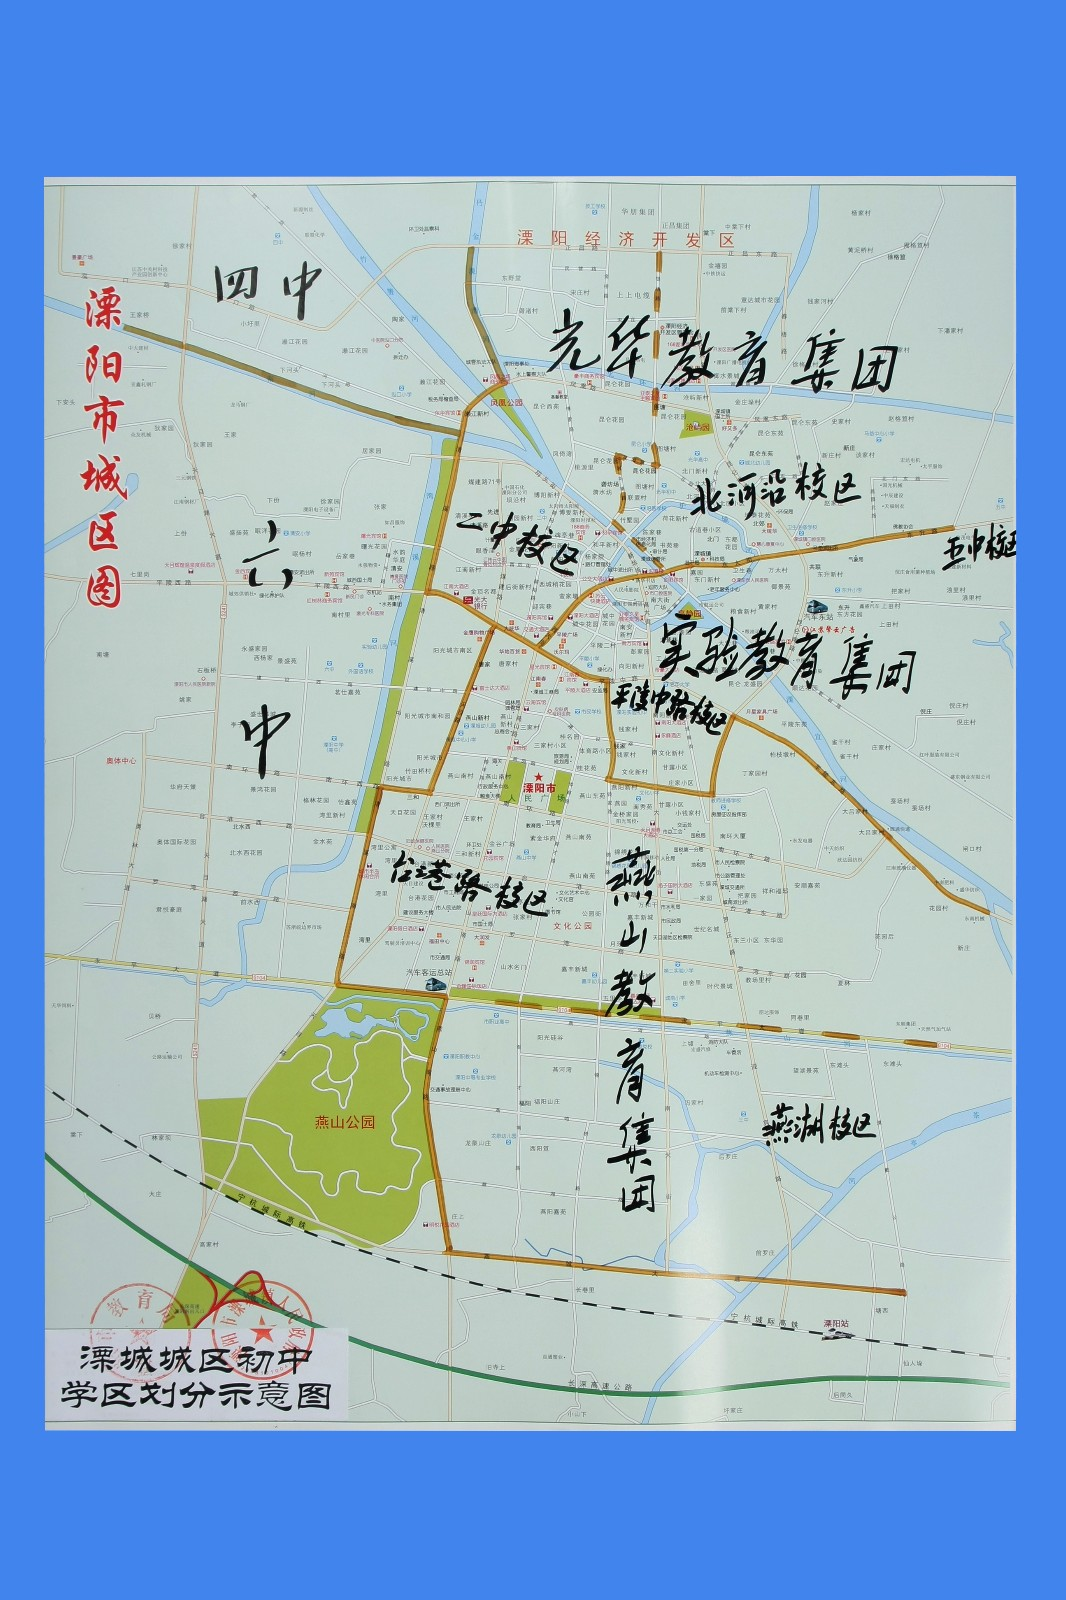 2017年初中施教区图.JPG